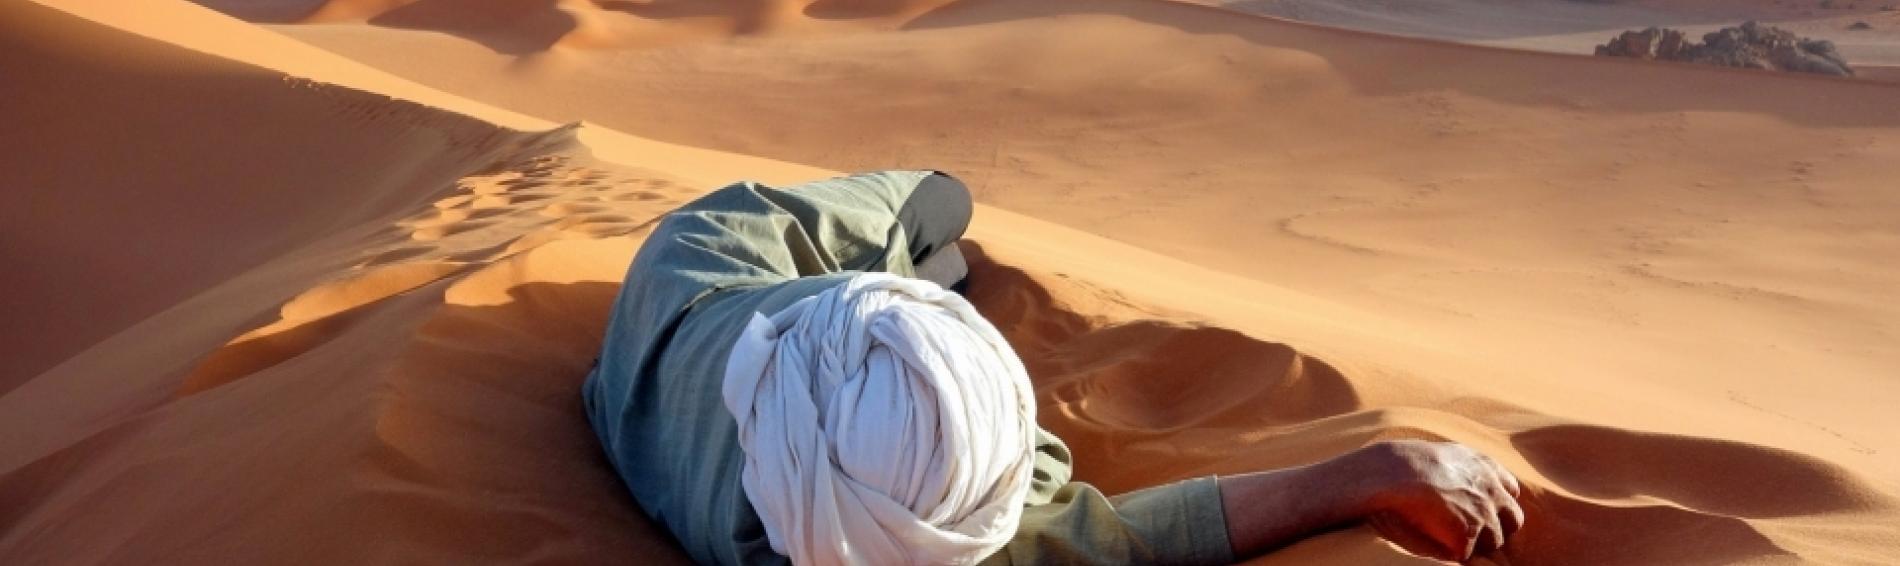 Tausende Menschen kommen bei der Durchquerung der Sahara ums Leben. Foto: Ärzte der Welt